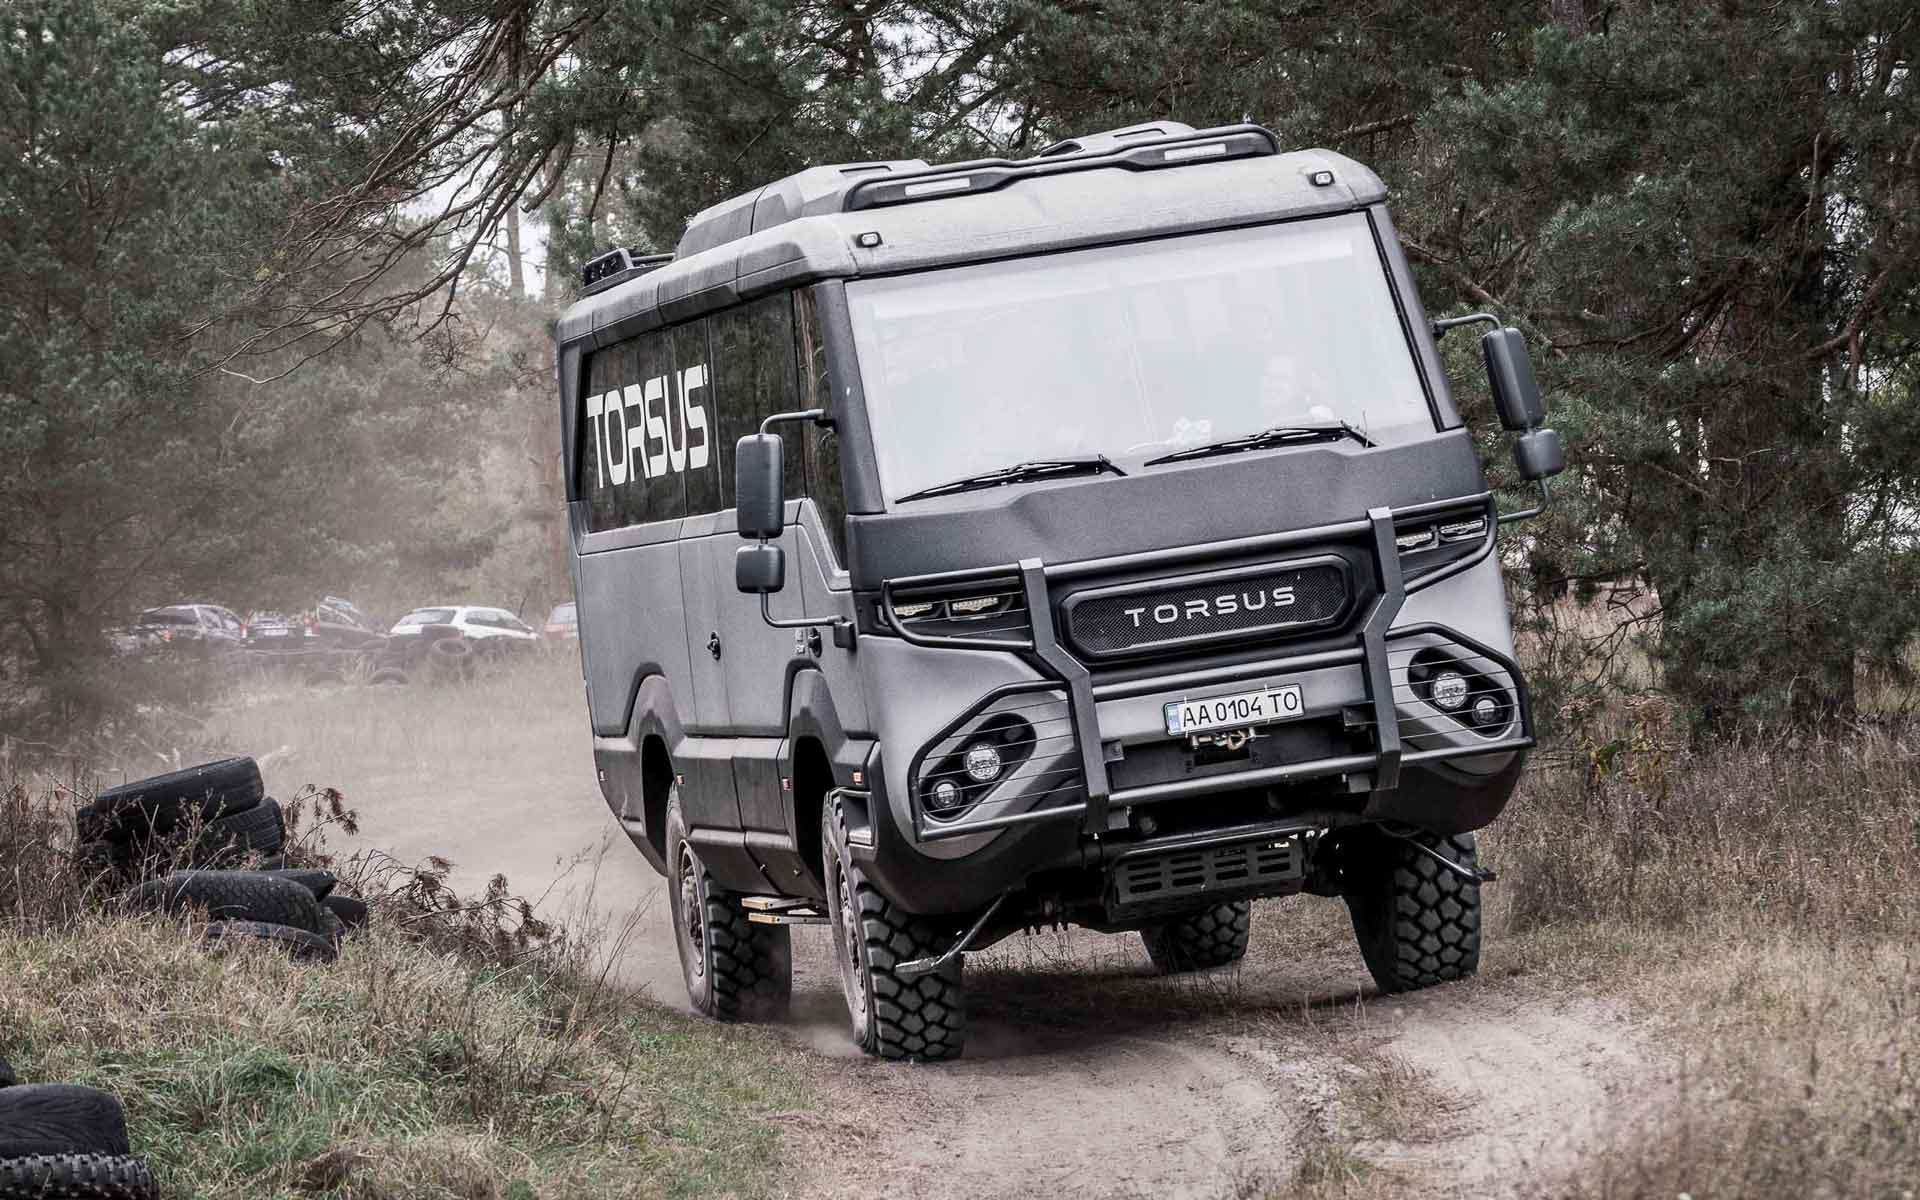 TORSUS Praetorian & Tatra Dakar test